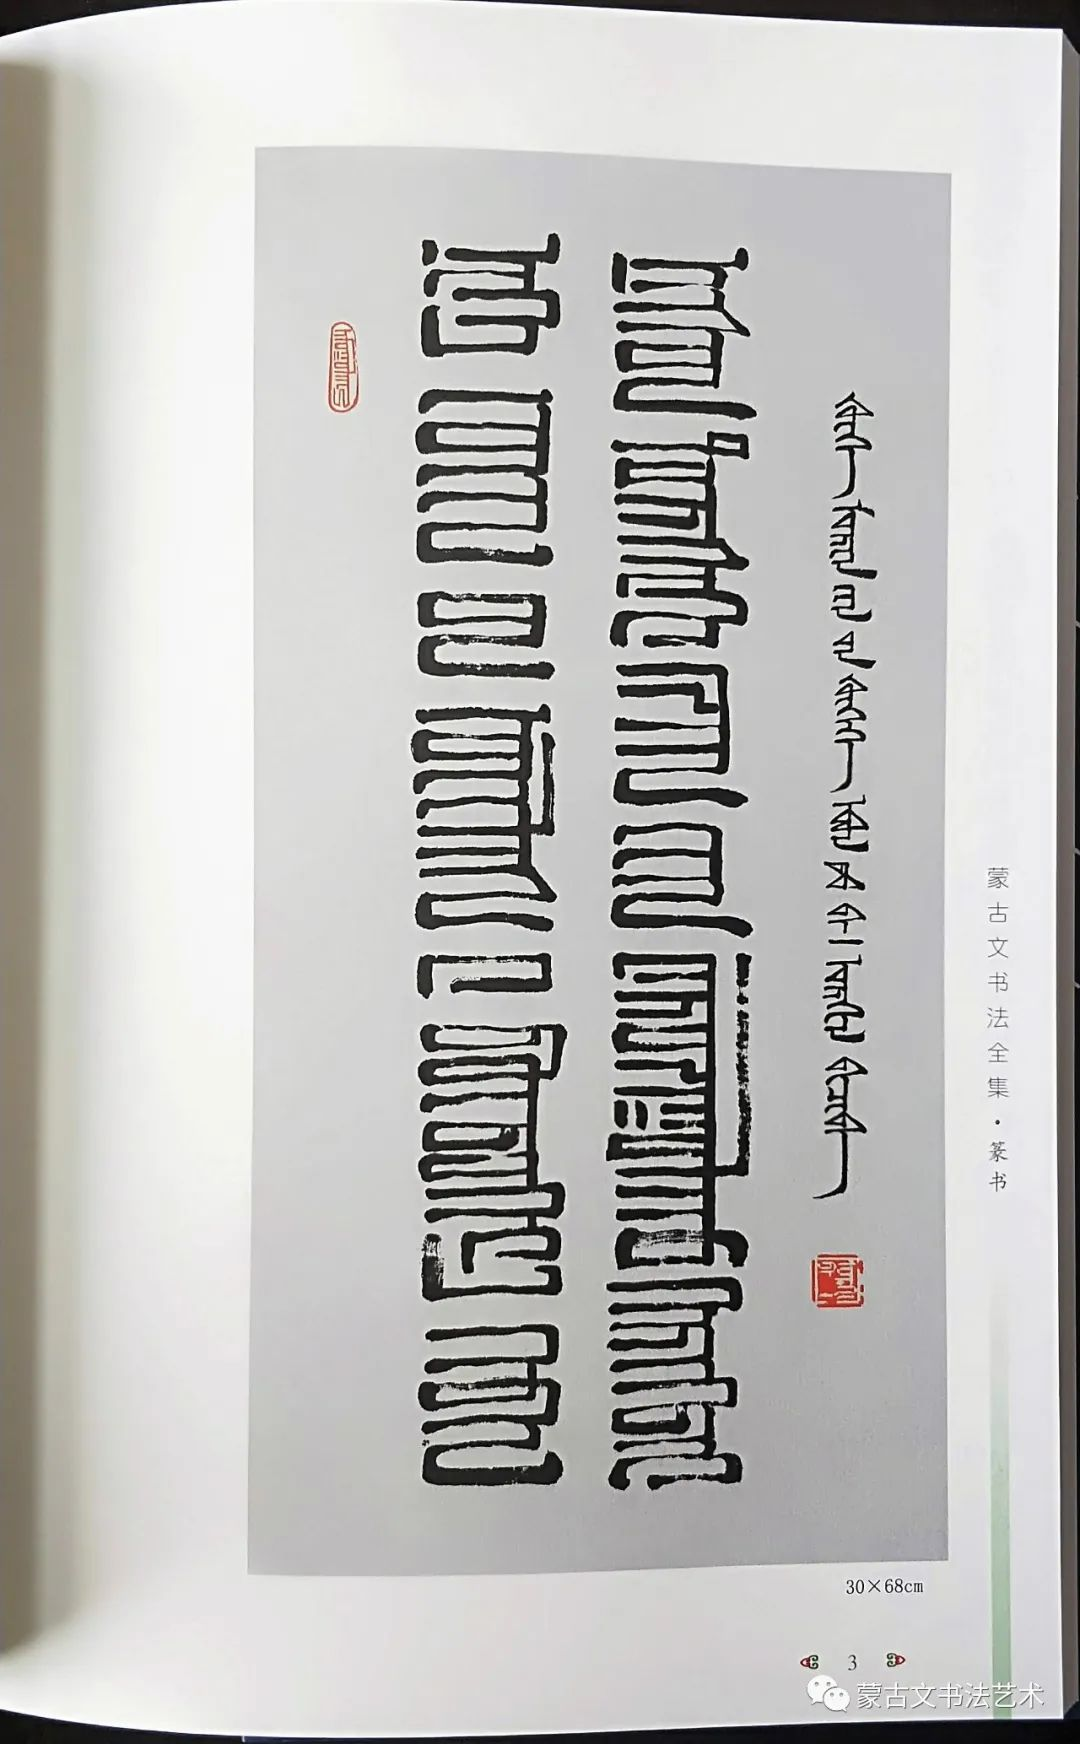 蒙古文书法全集 第33张